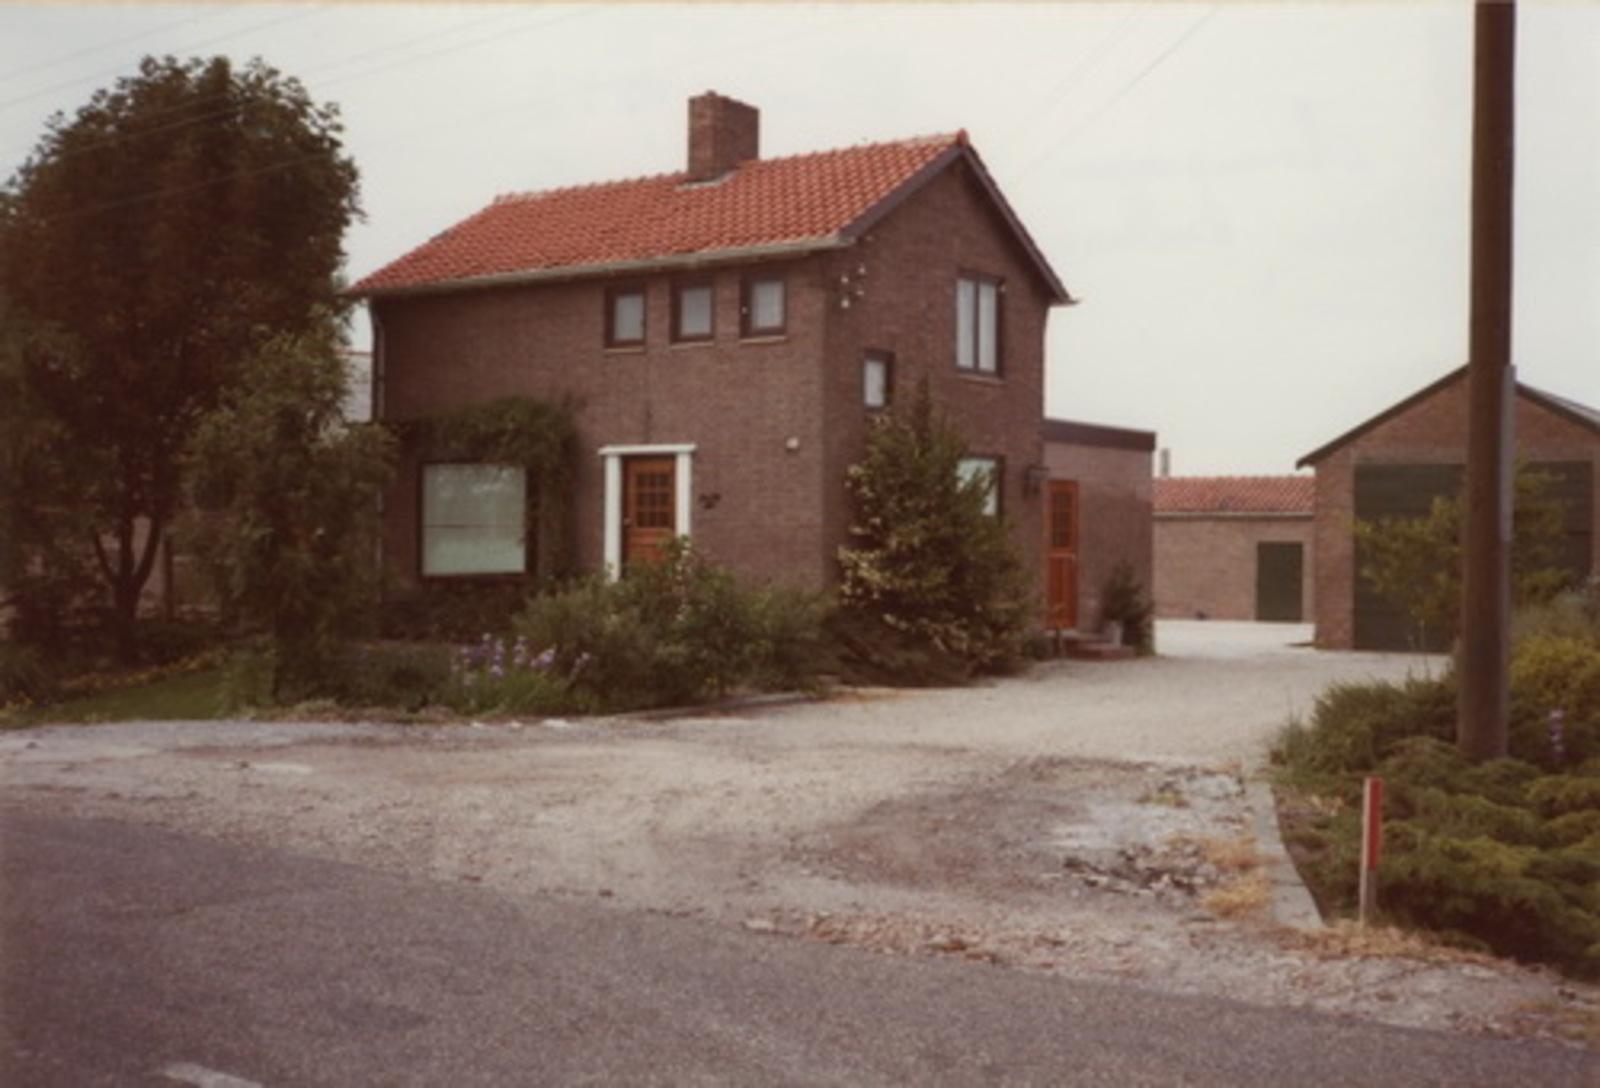 Vijfhuizerweg N 0583 1983 Champignonnen kwekerij Gebr Rijke